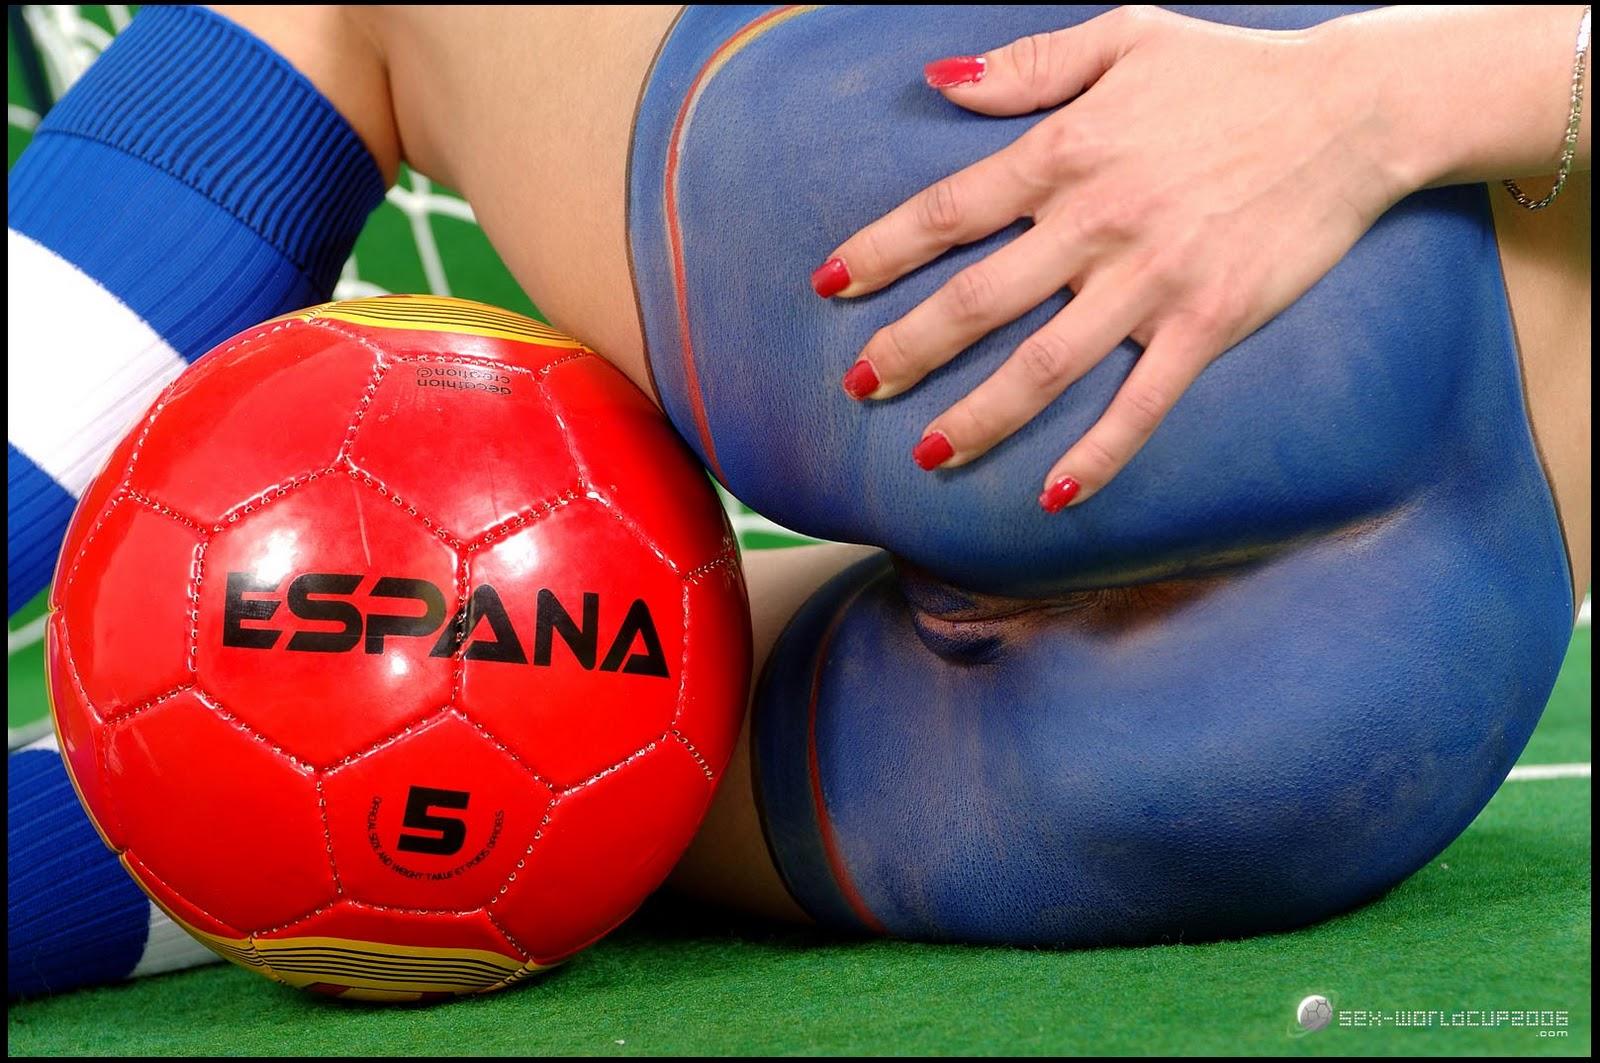 espana body painting art women